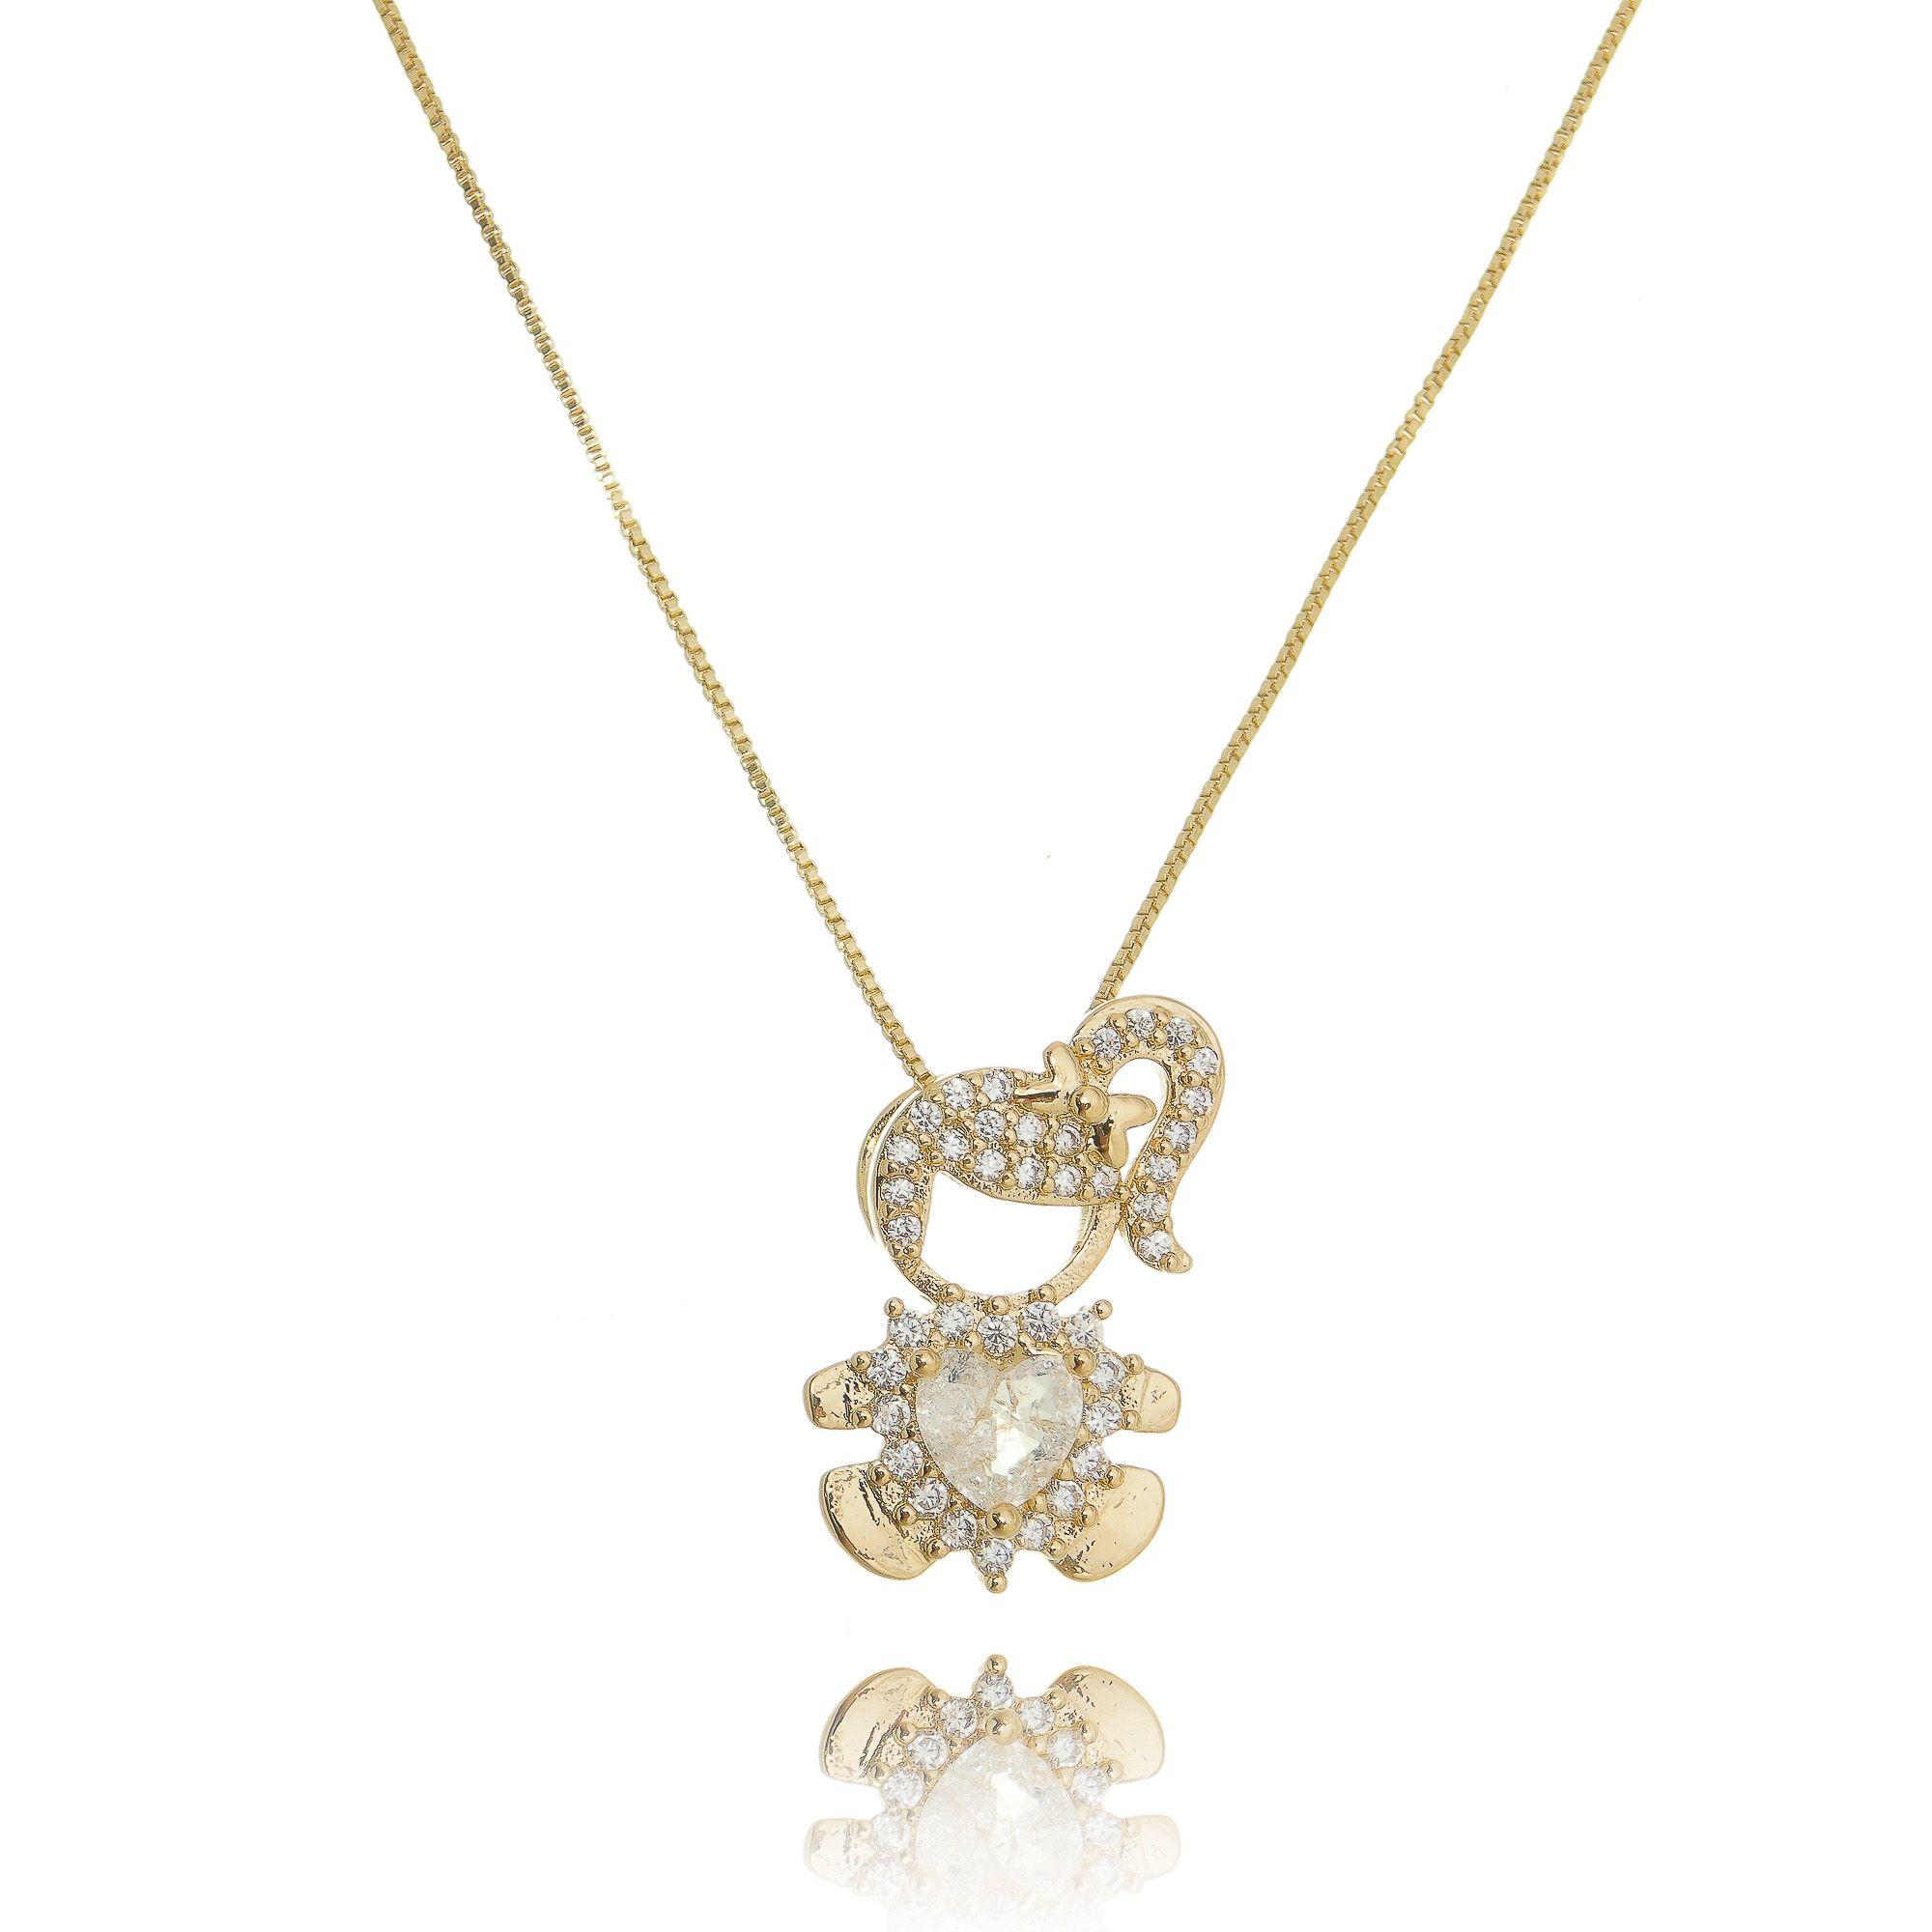 Colar Pingente Menina de Zircônia Branca e Coração Fusion Cristal Semijoia em Ouro 18K  - Soloyou